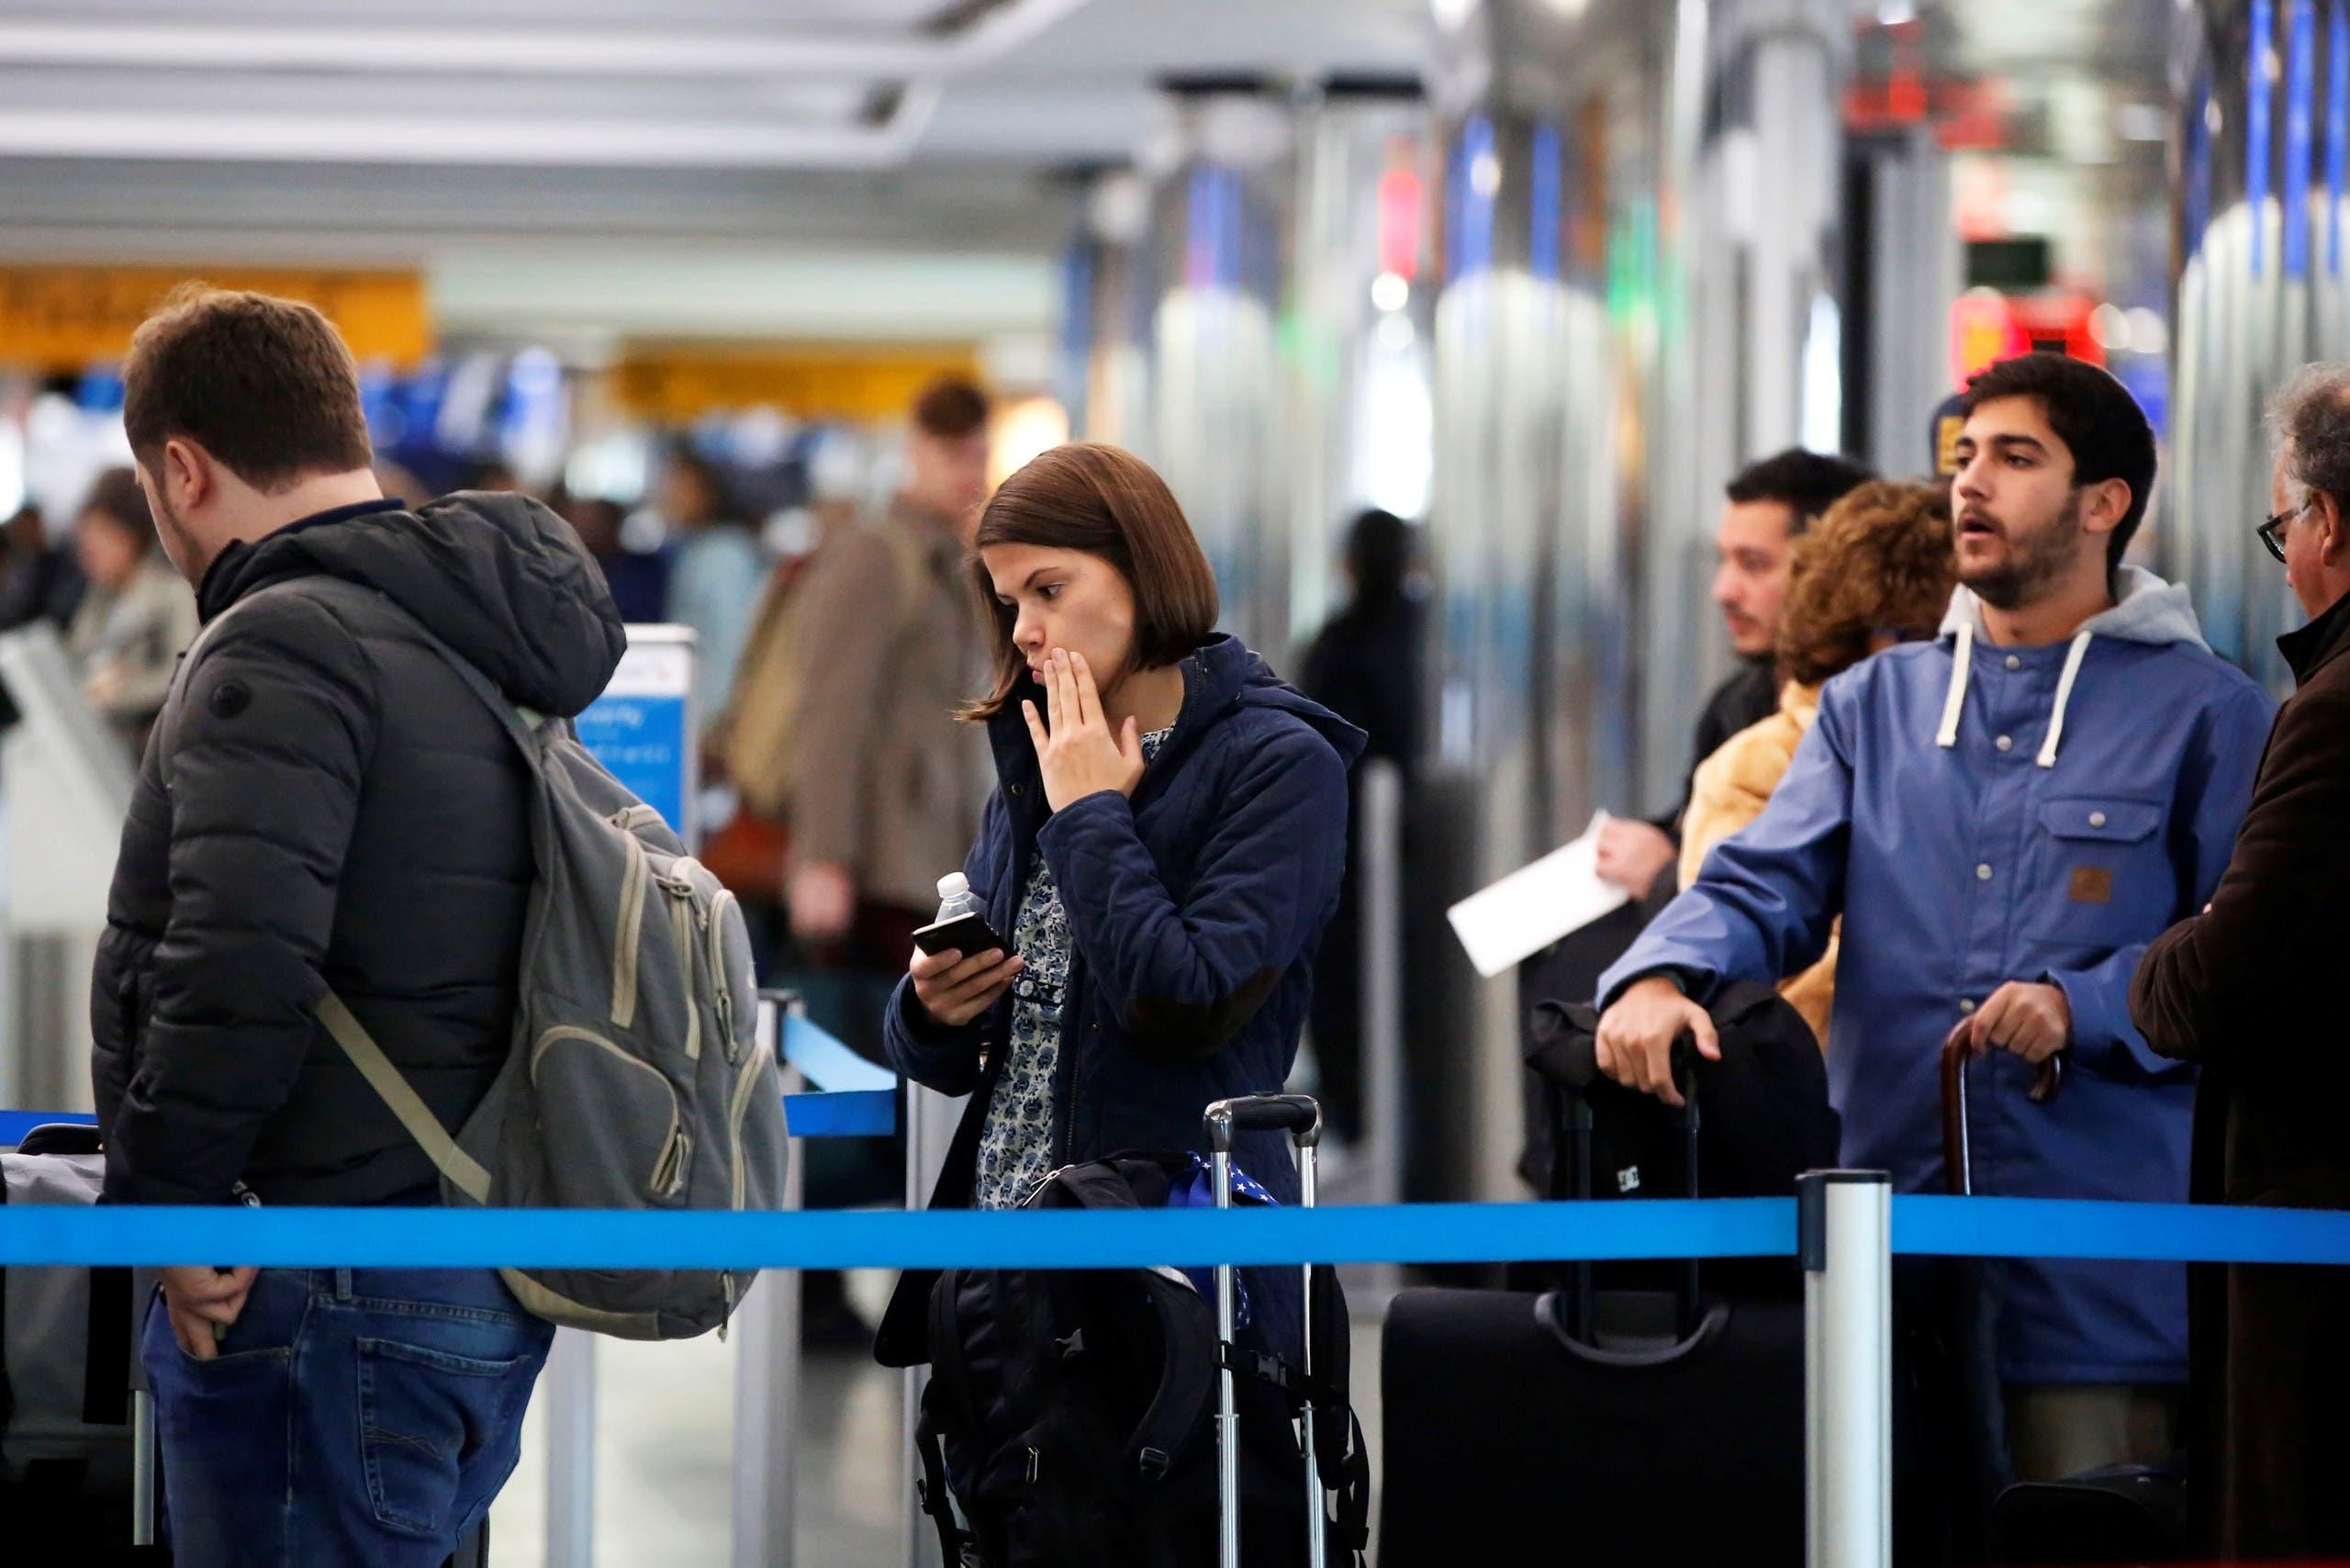 مسافرون ينتظرون في مطار لاغوارديا في نيويورك